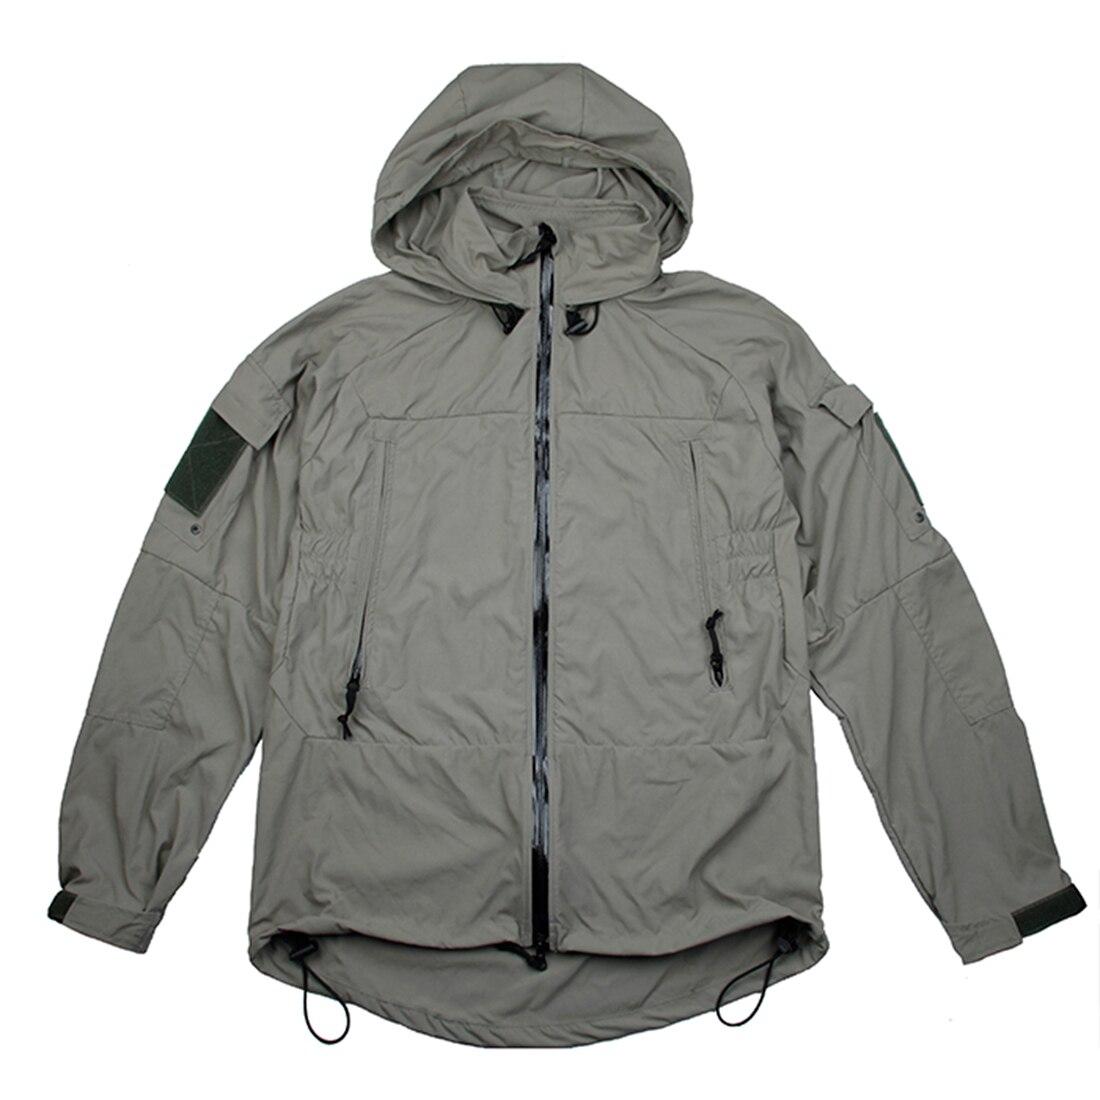 TMC Tactical Cordura Nylon Soft Shell Zipper Coat PCU L5 Wind Coat Jacket - Dark Grey S/M